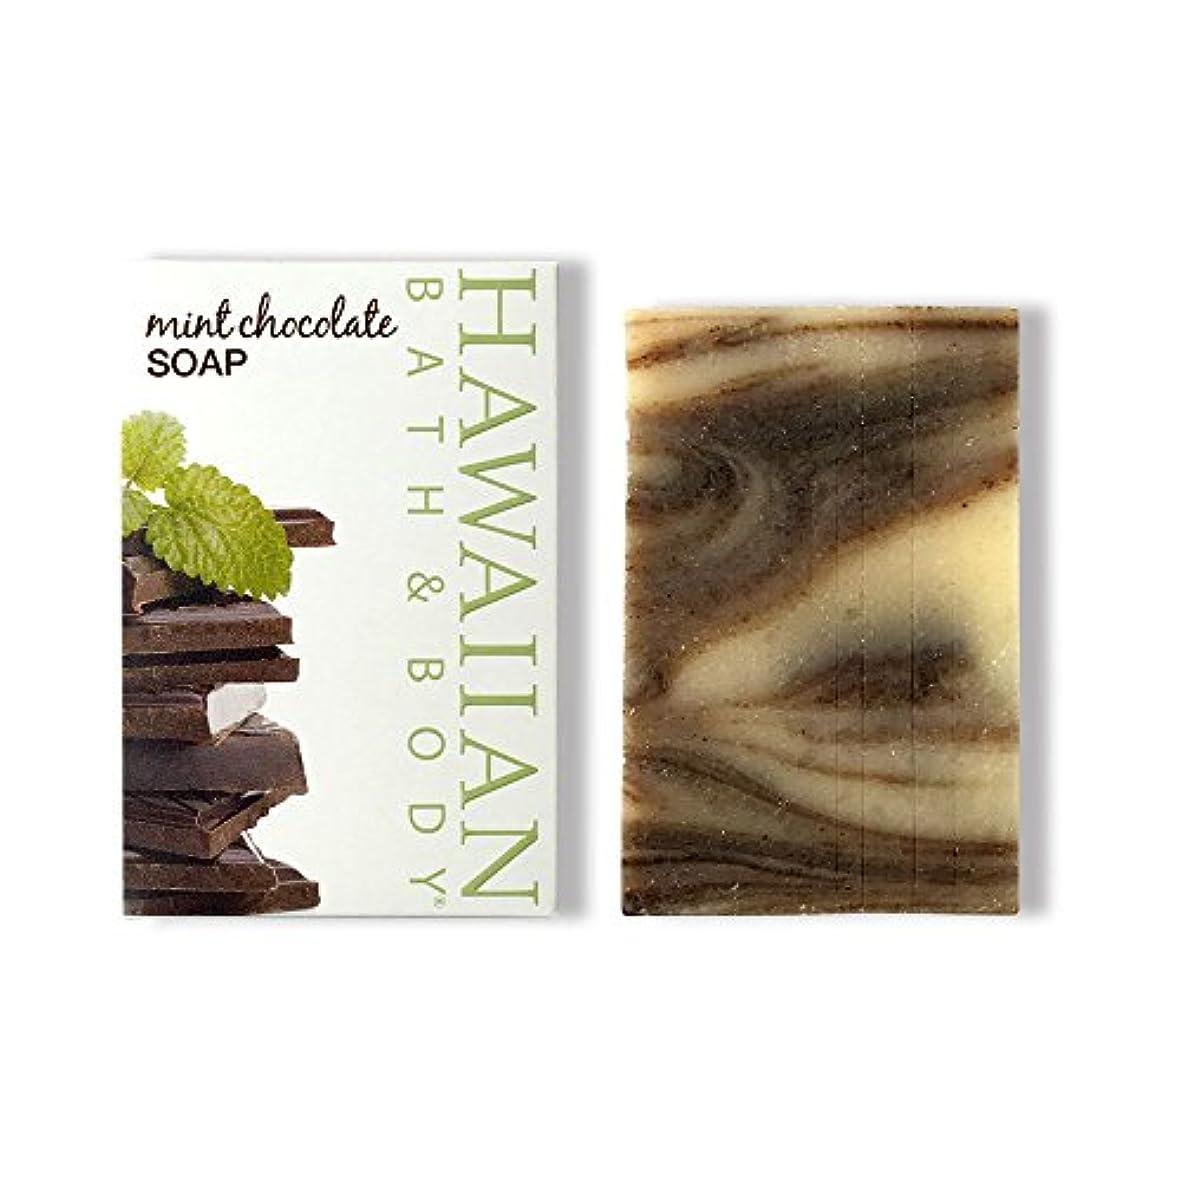 稼ぐシマウマ歯痛ハワイアンバス&ボディ ハワイアン?ミントチョコレートソープ ( Hawaii Mint Chocolate Soap )